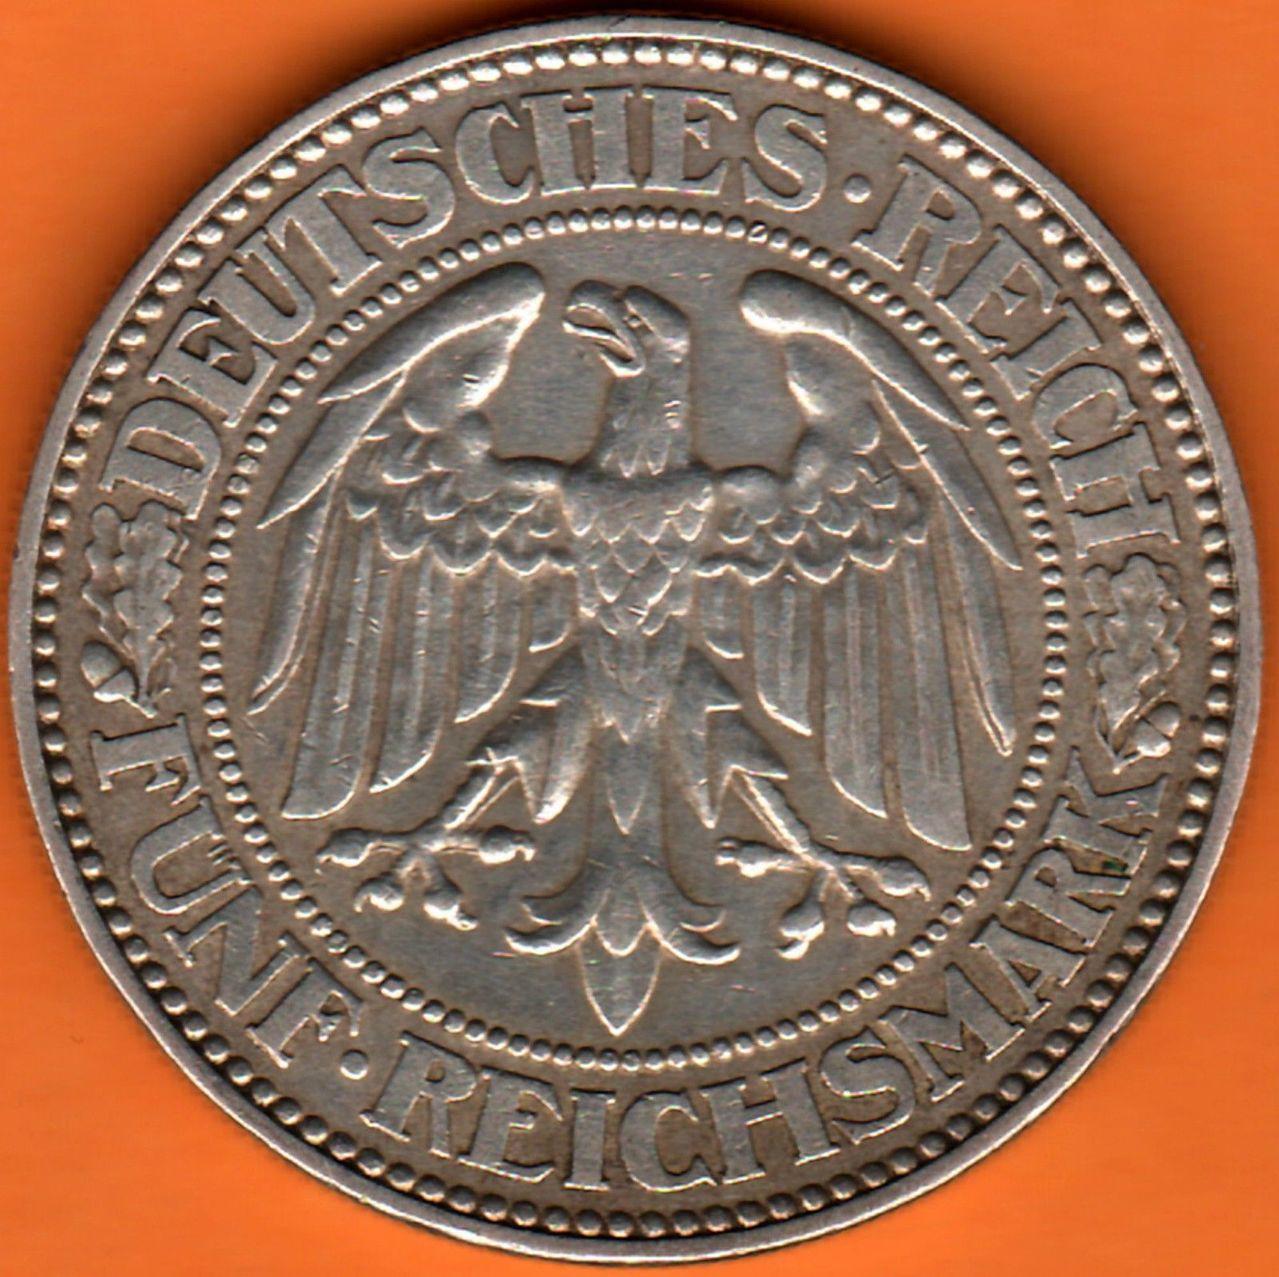 Republica de Weimar 5 Reichsmark 1928 1928a